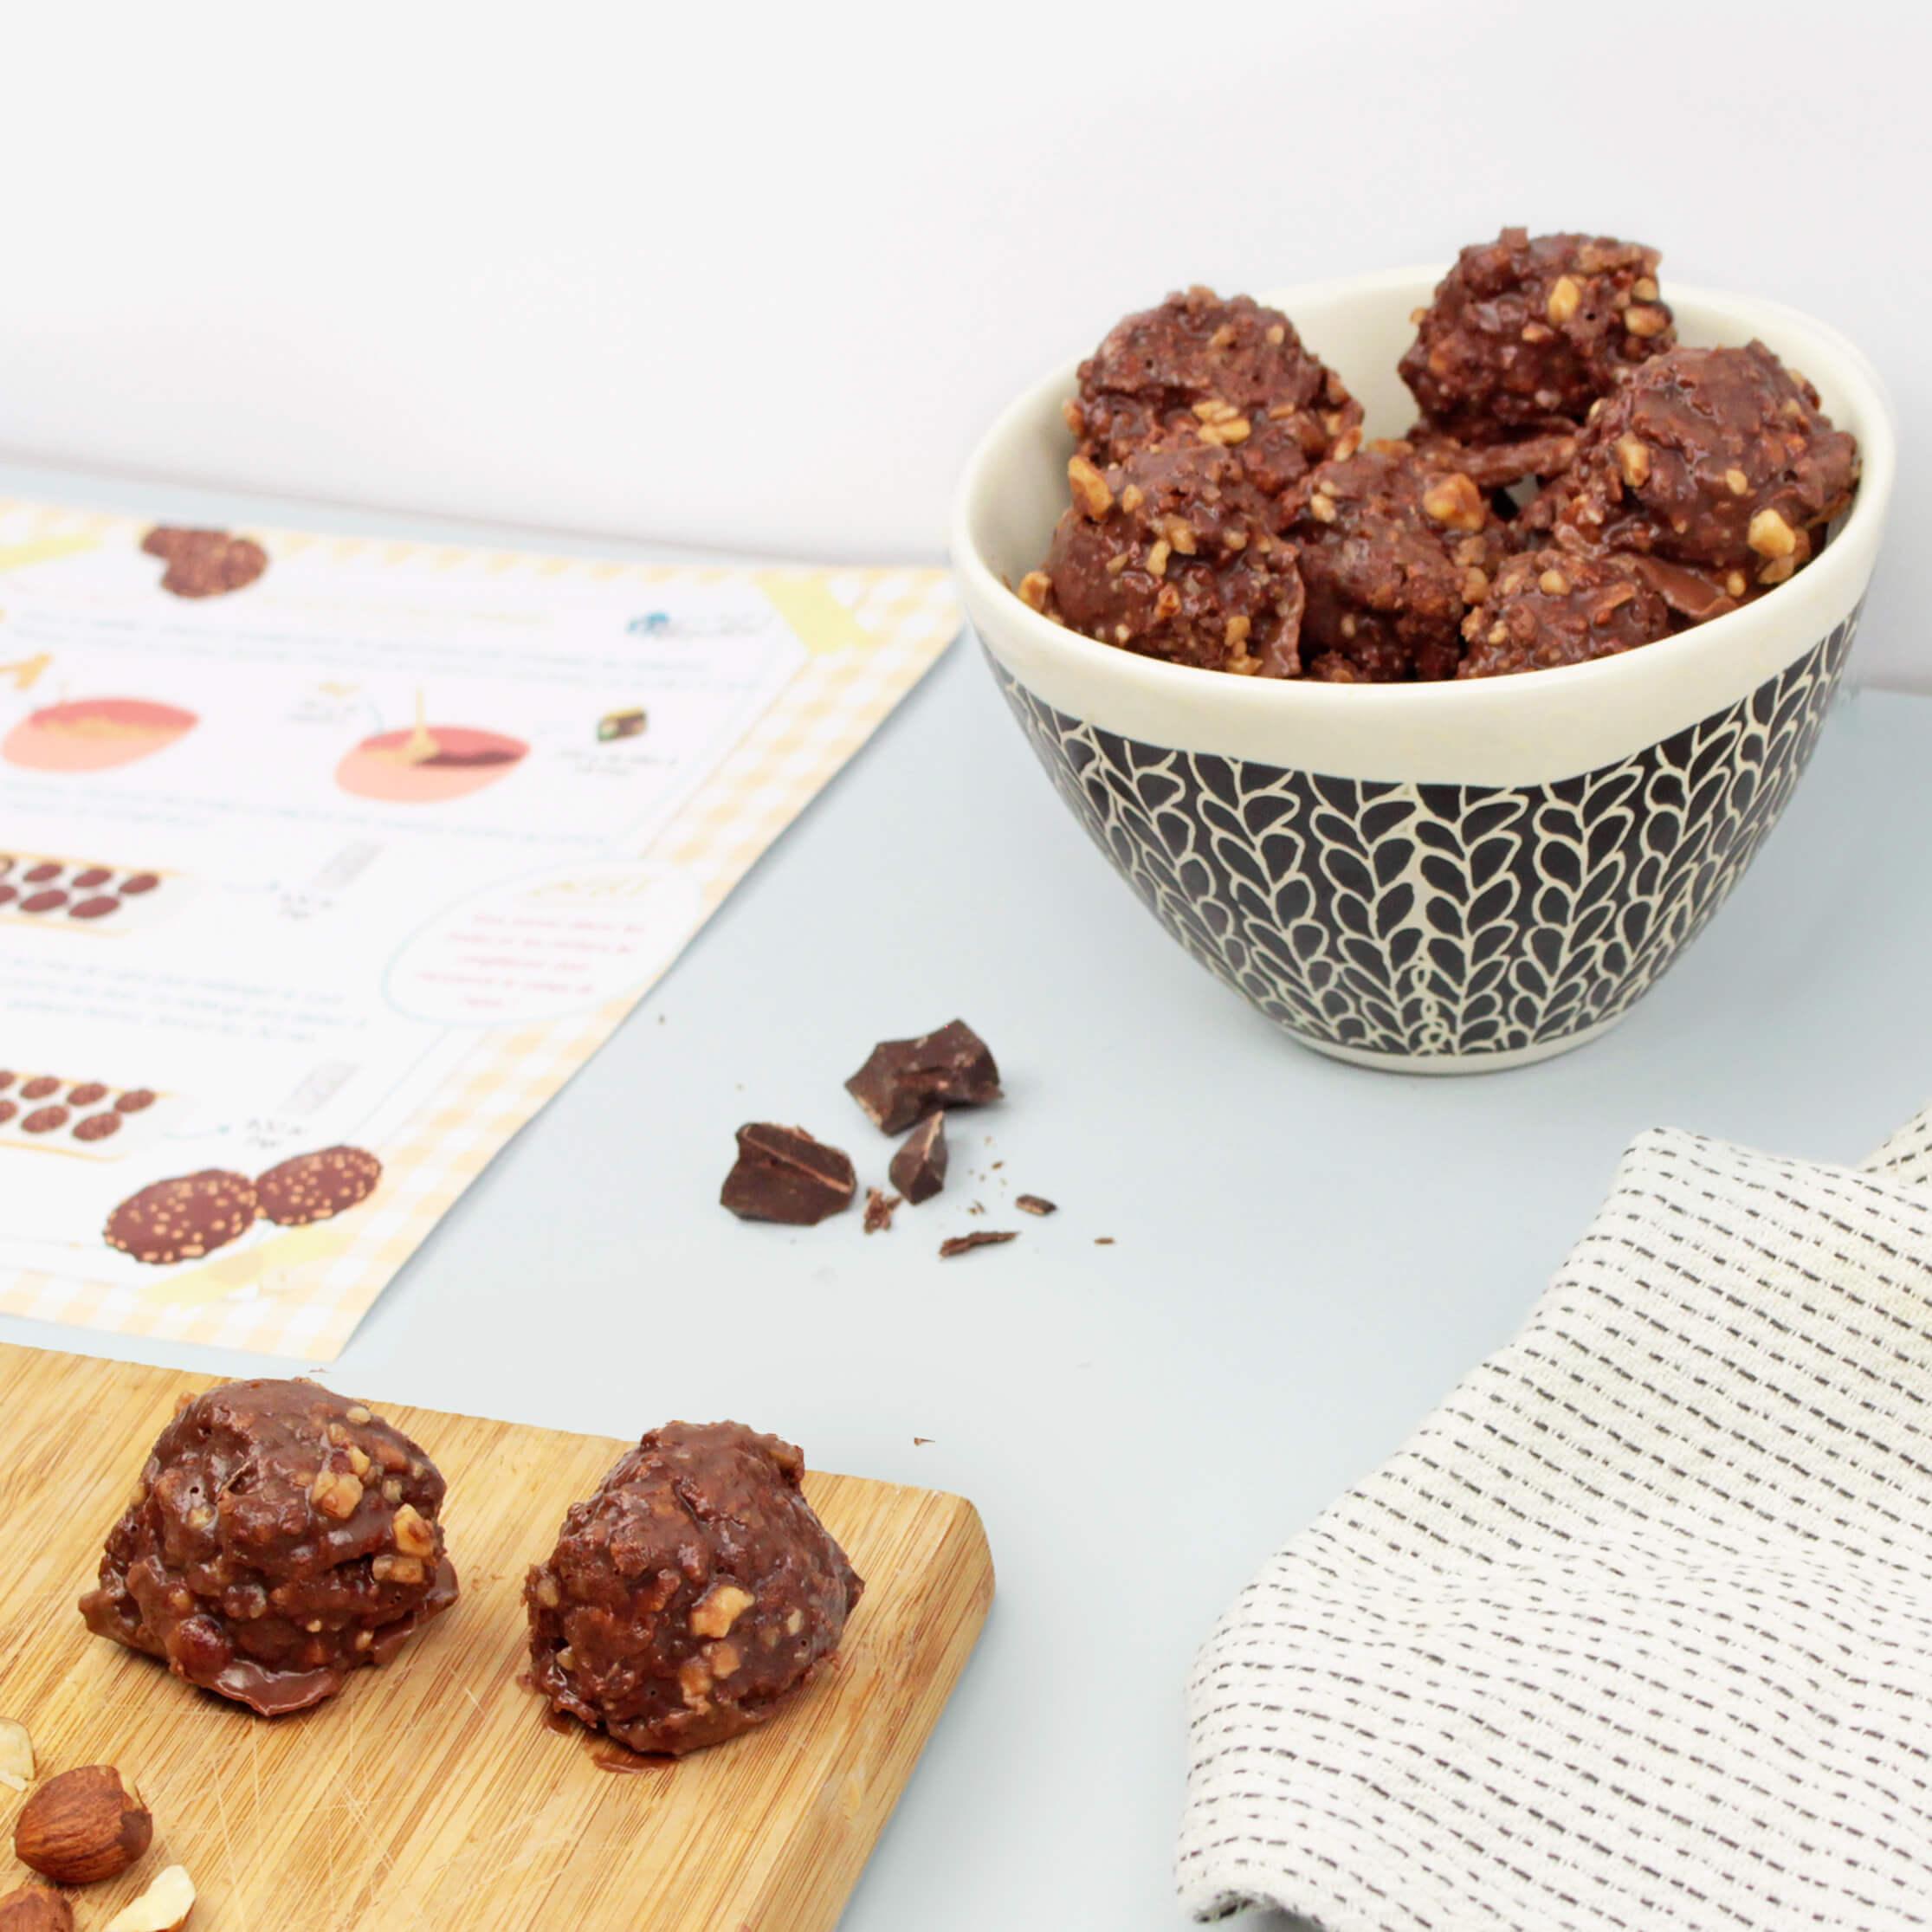 Une recette croquante et fondante pour les amateurs de chocolat !